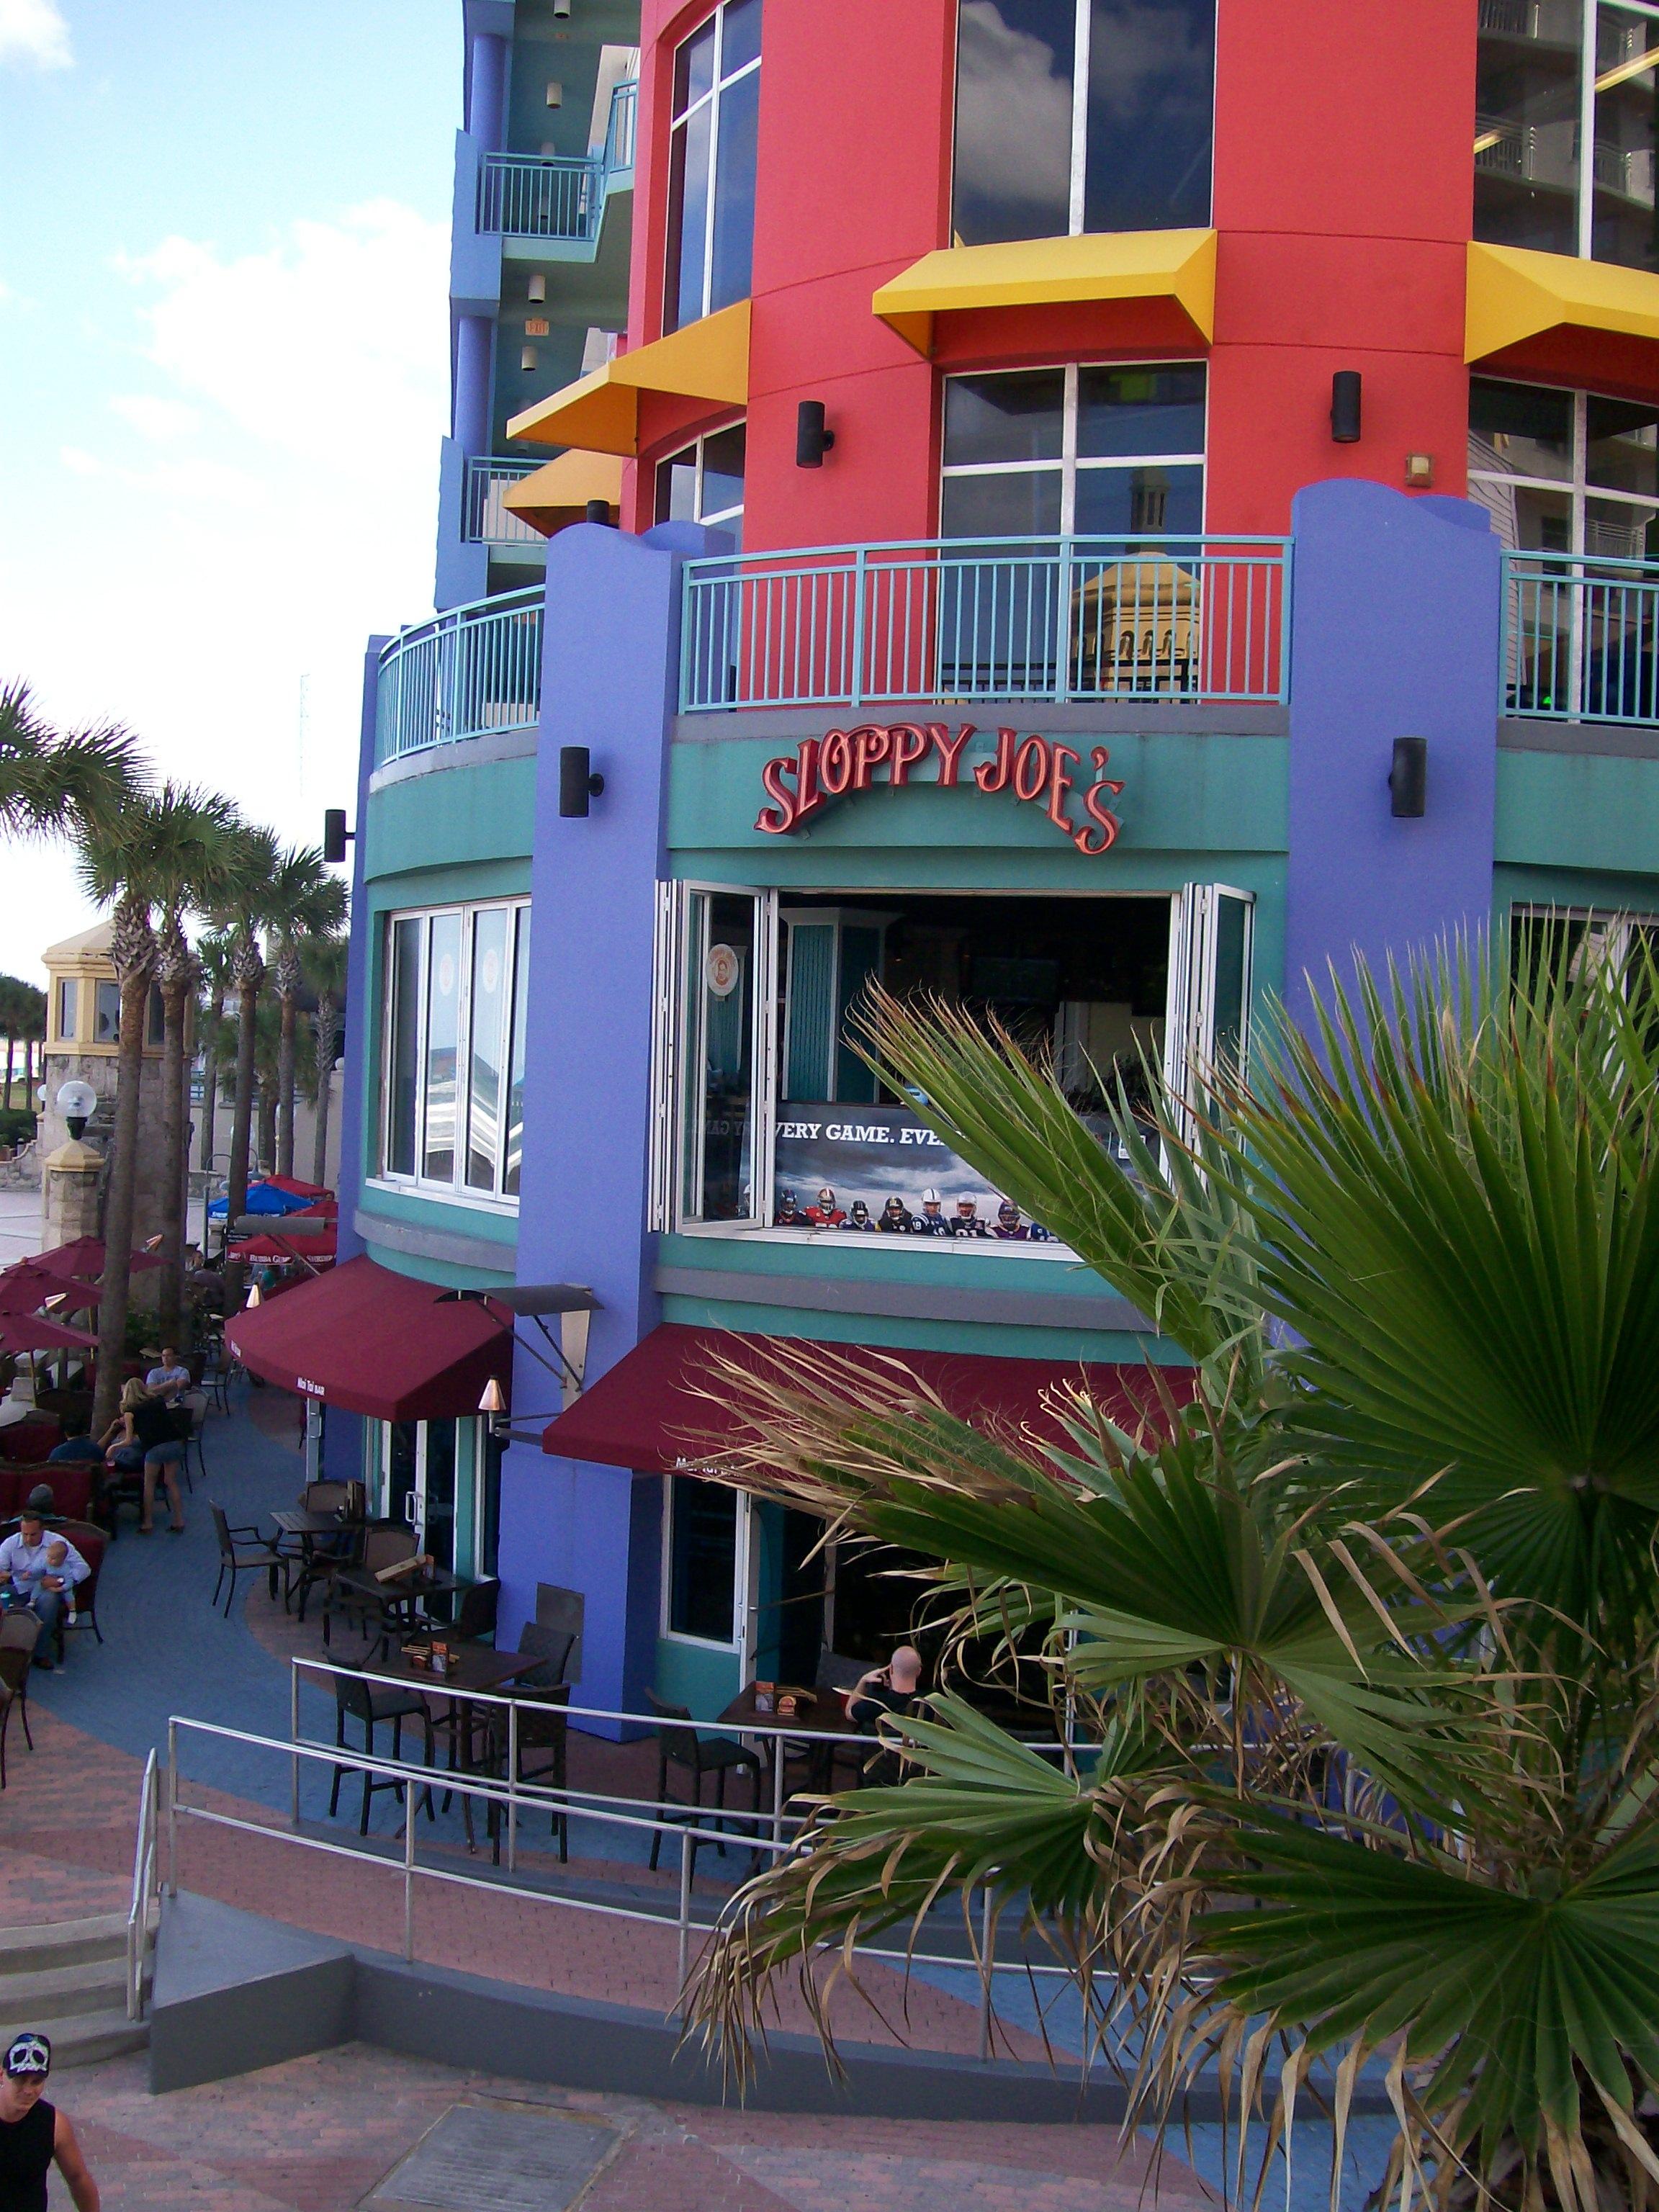 Sloppy Joe S Dodaytona Daytona Beach Fl Restaurant